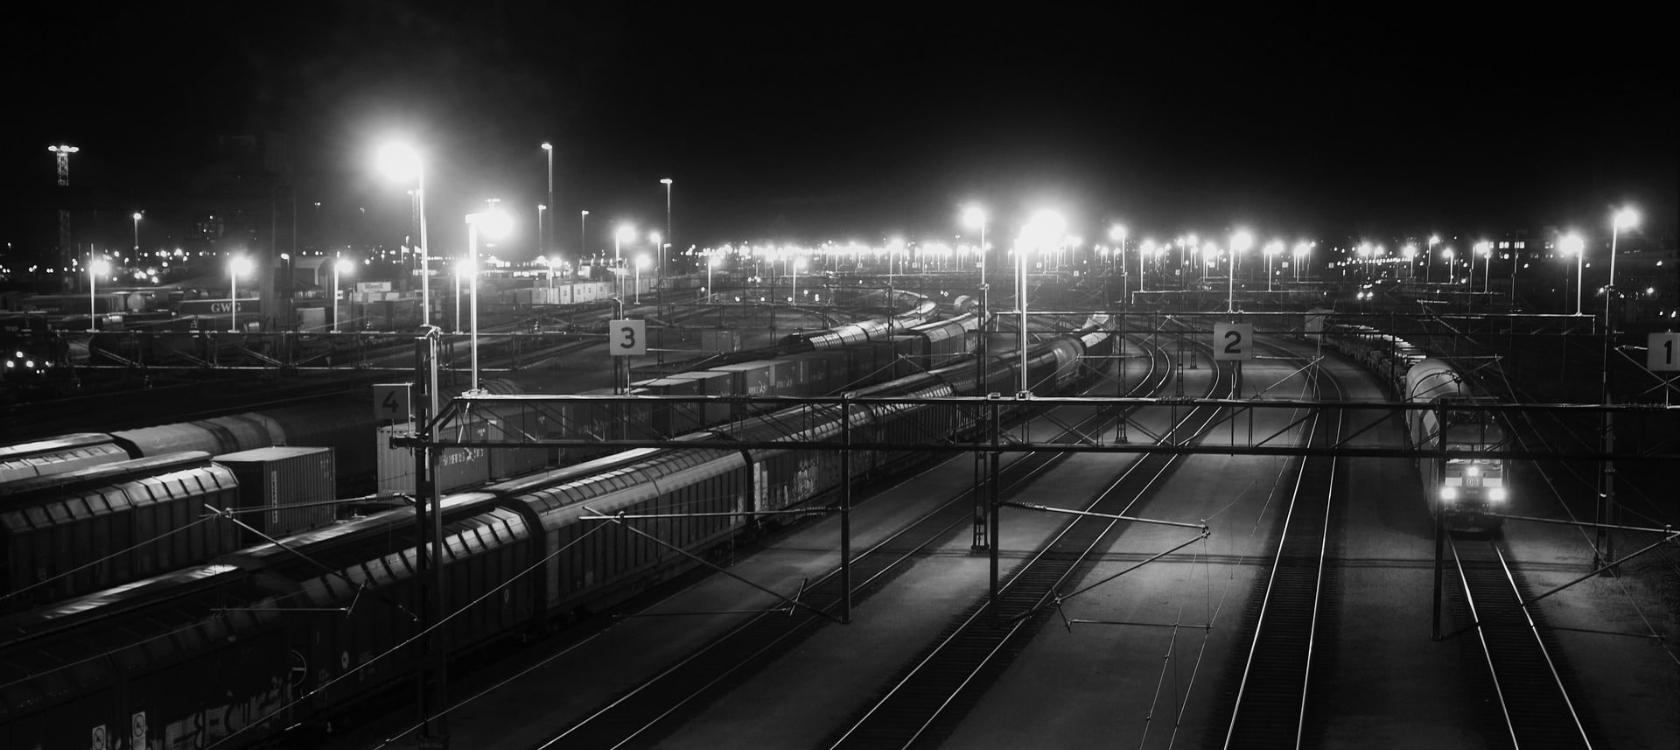 Аппаратура для железнодорожного и промышленного транспорта